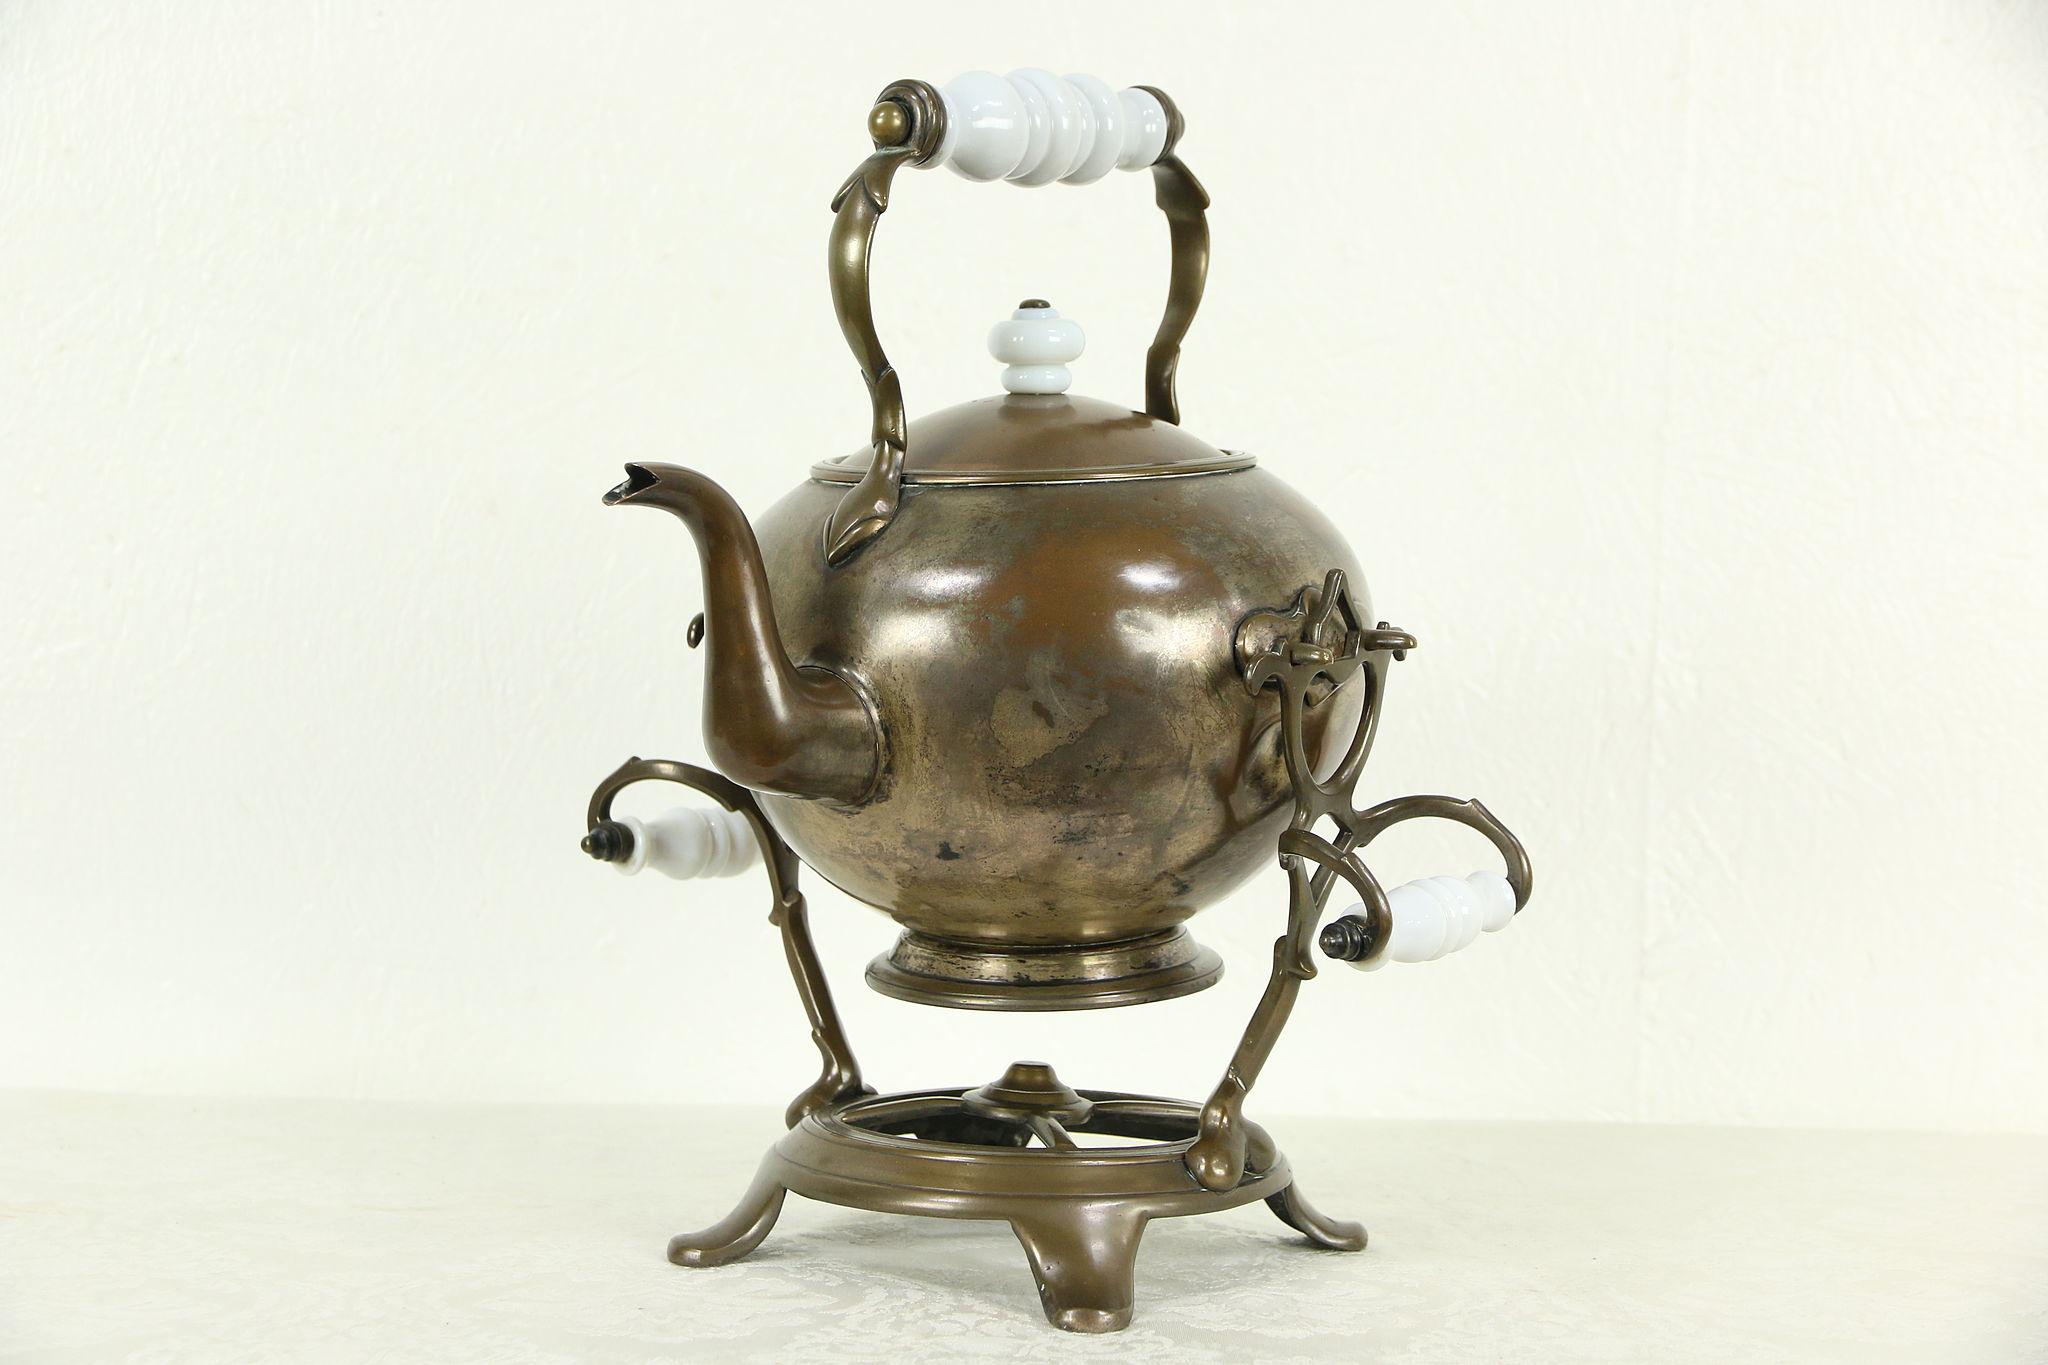 Tilting Antique 1890 Copper Tea Kettle Amp Stand Signed